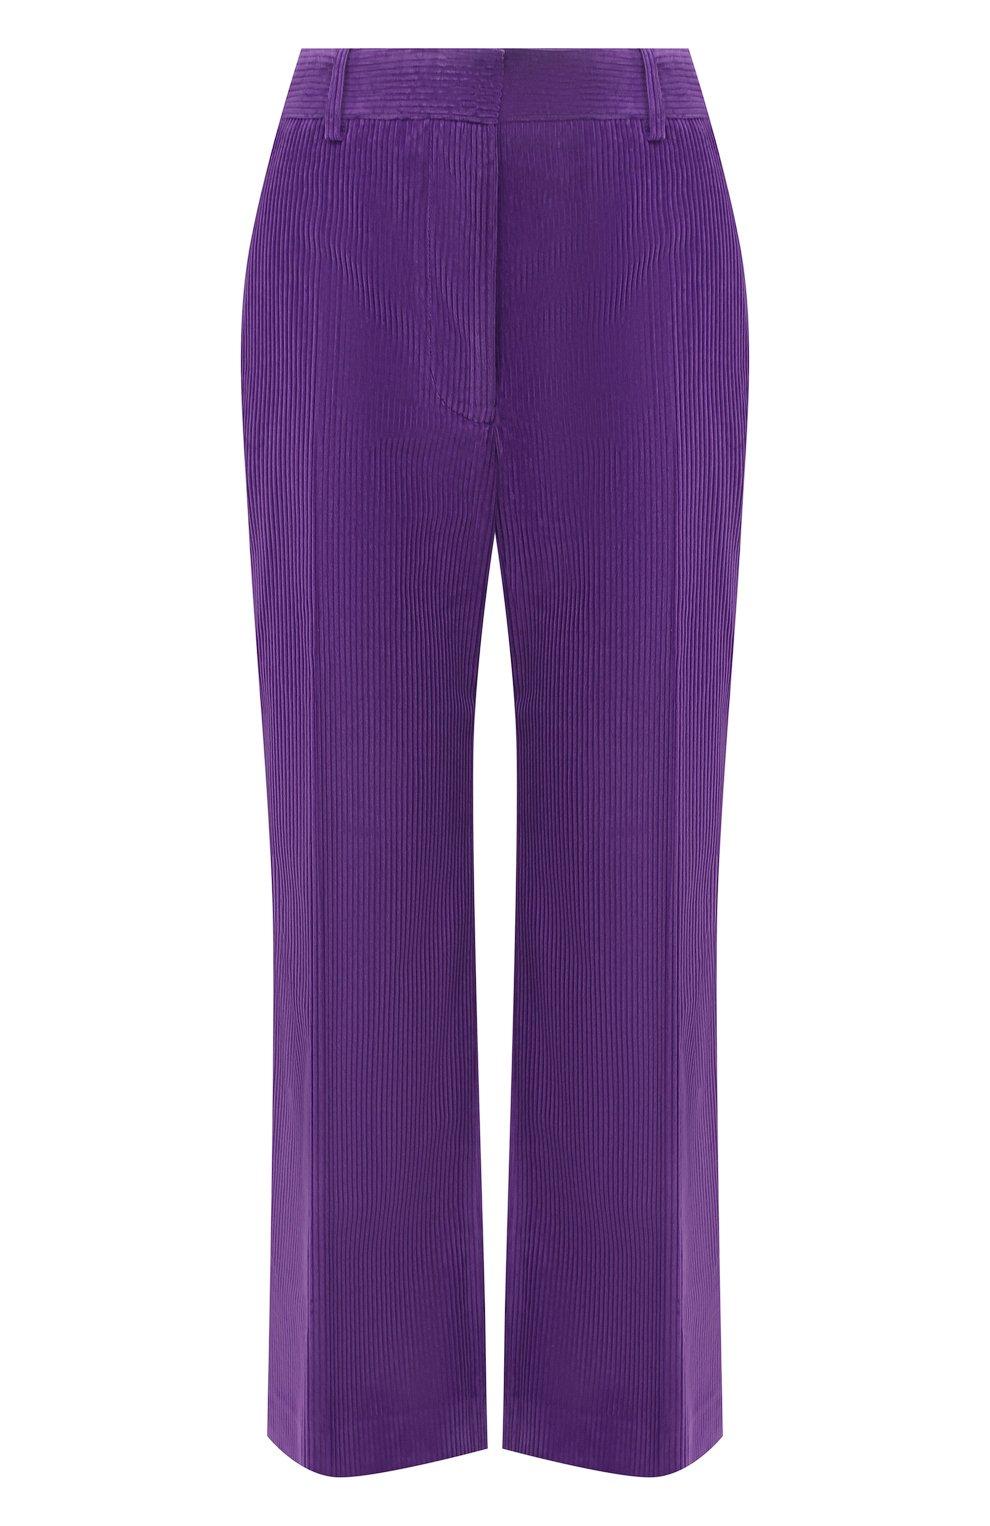 Женские хлопковые брюки VICTORIA BECKHAM фиолетового цвета, арт. 1121WTR002225A   Фото 1 (Женское Кросс-КТ: Брюки-одежда; Силуэт Ж (брюки и джинсы): Расклешенные; Материал внешний: Хлопок; Длина (брюки, джинсы): Укороченные; Стили: Кэжуэл)